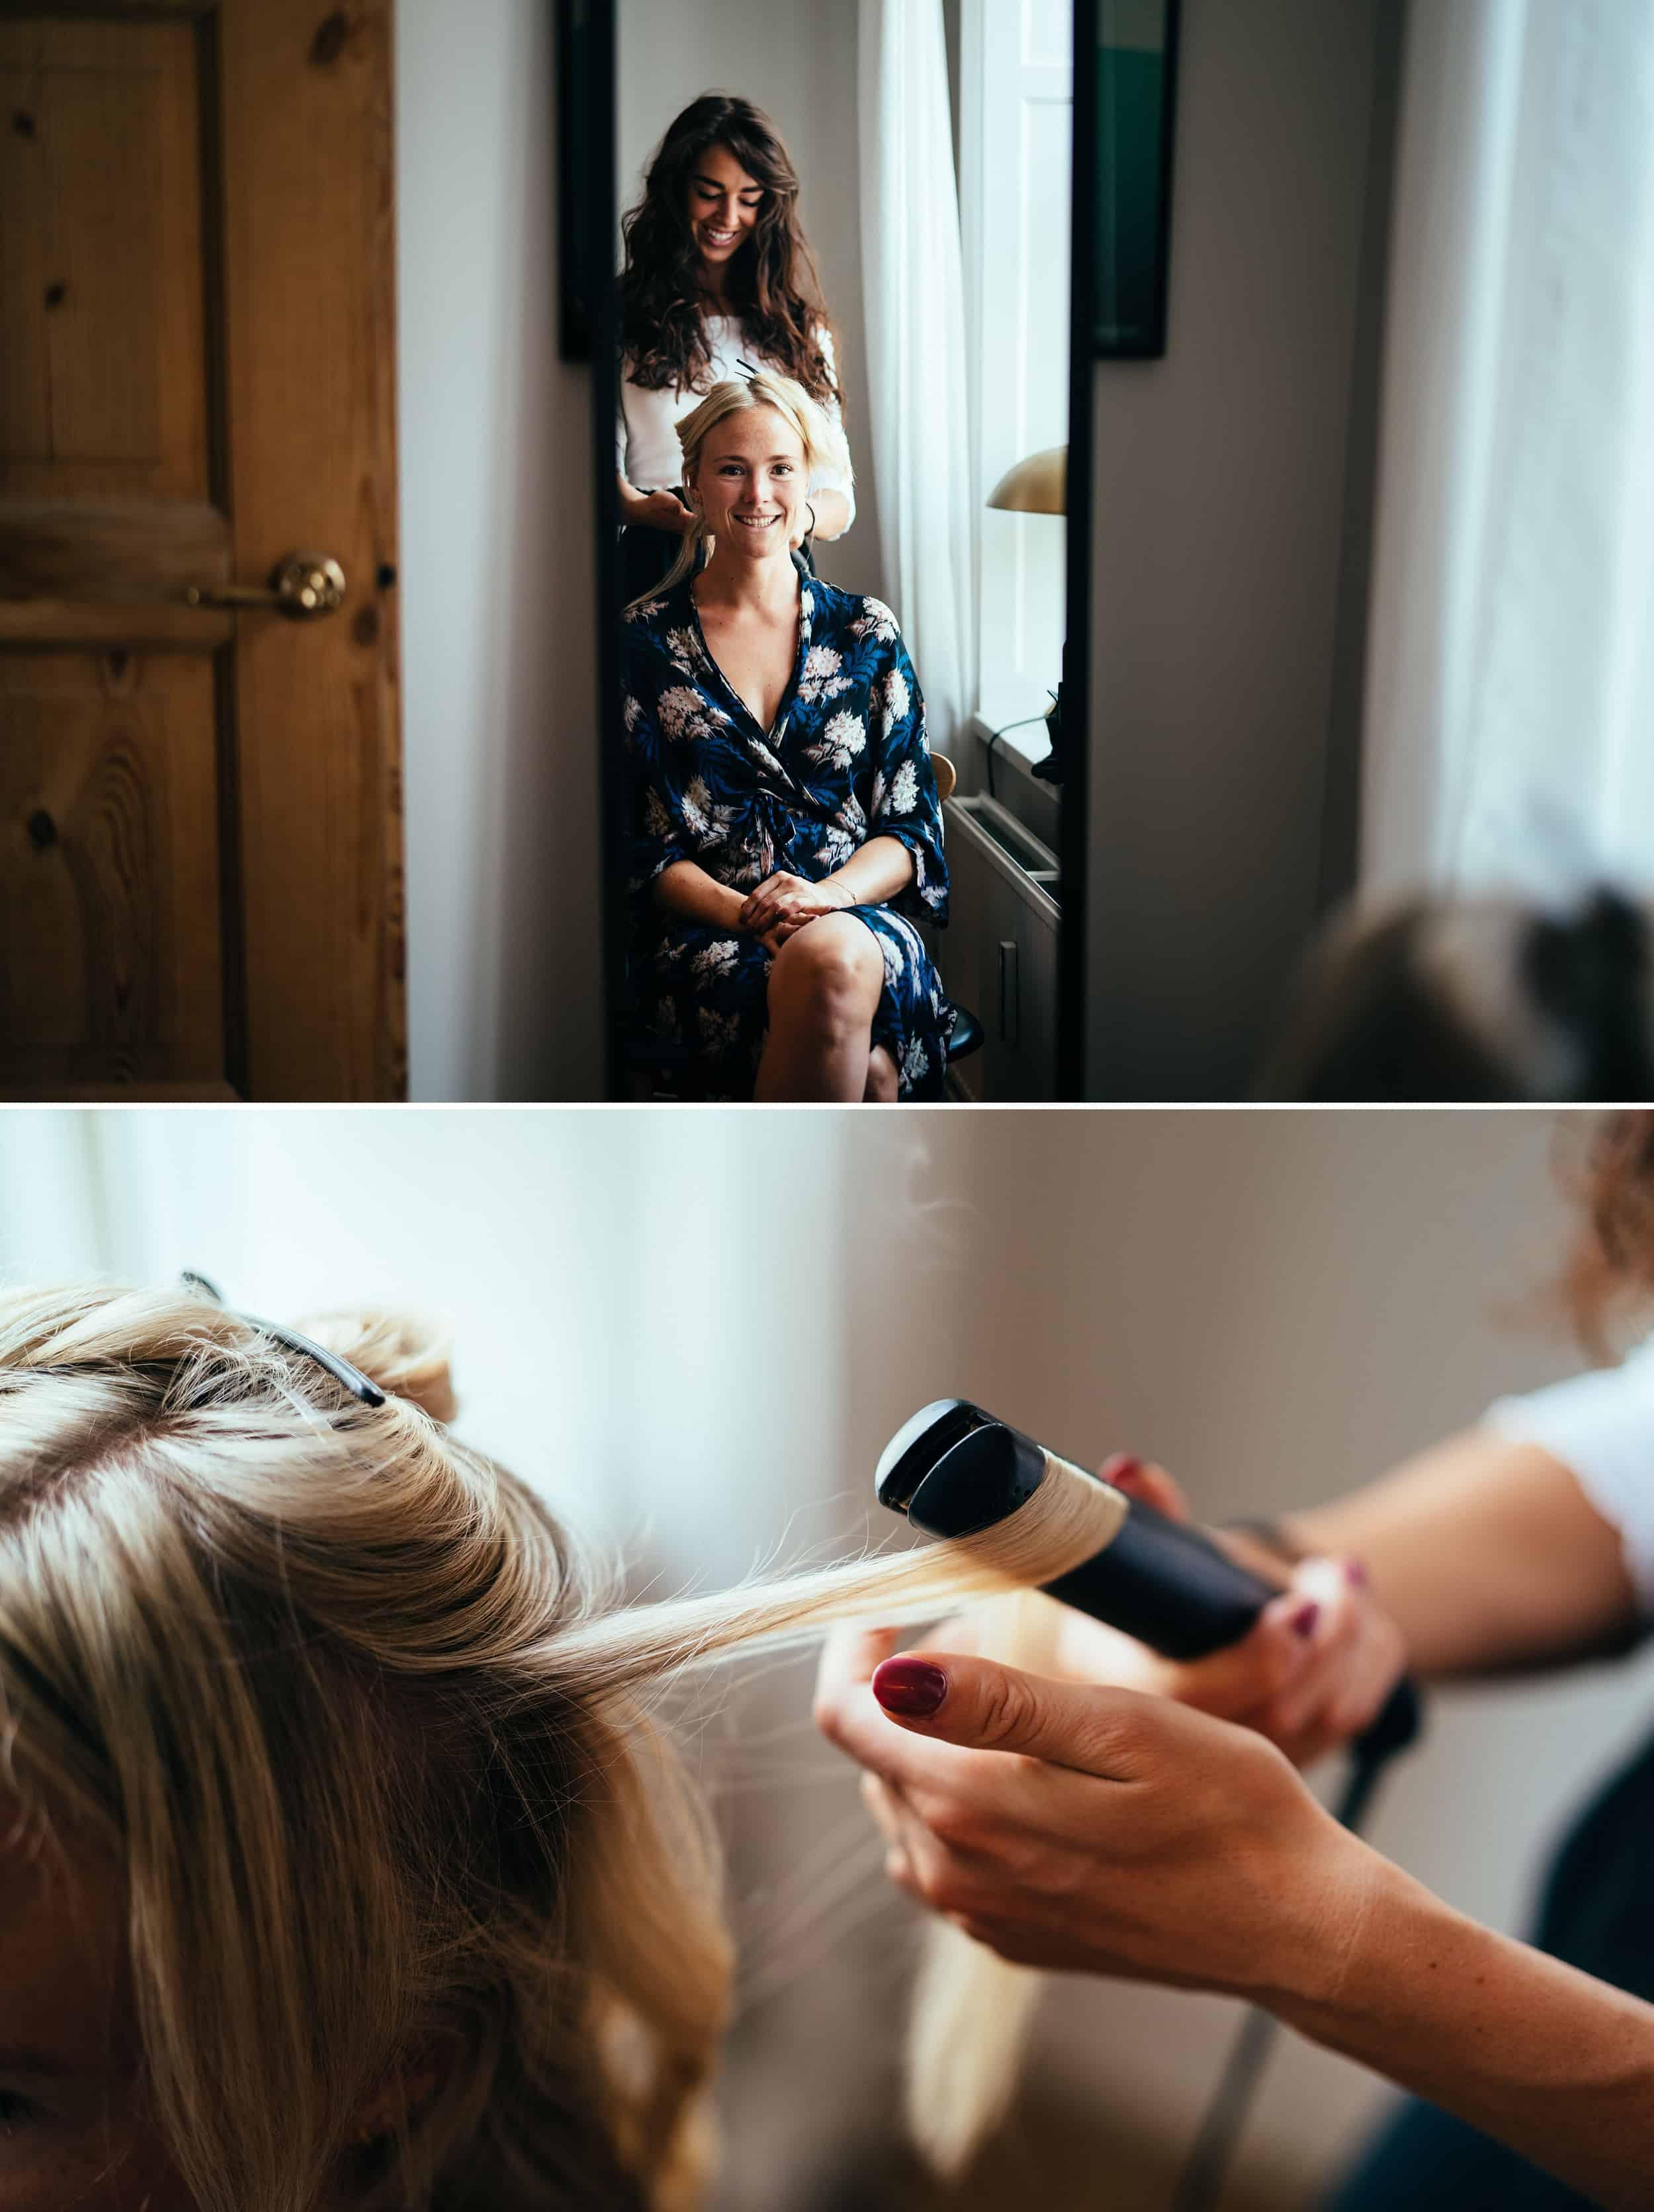 brud-gør-sig-klar-og-får-sat-hår.jpg